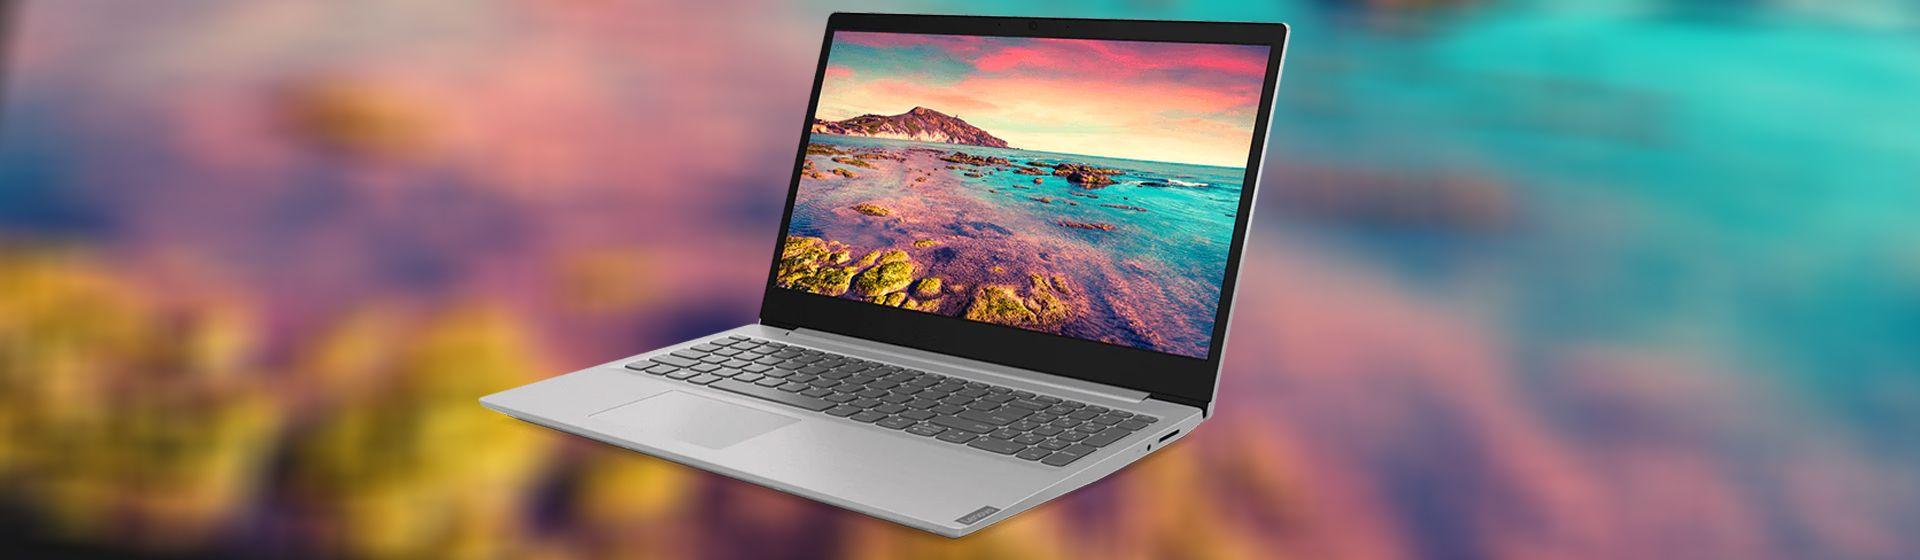 Lenovo IdeaPad S145 com i5 ou i7? Saiba o melhor notebook para você